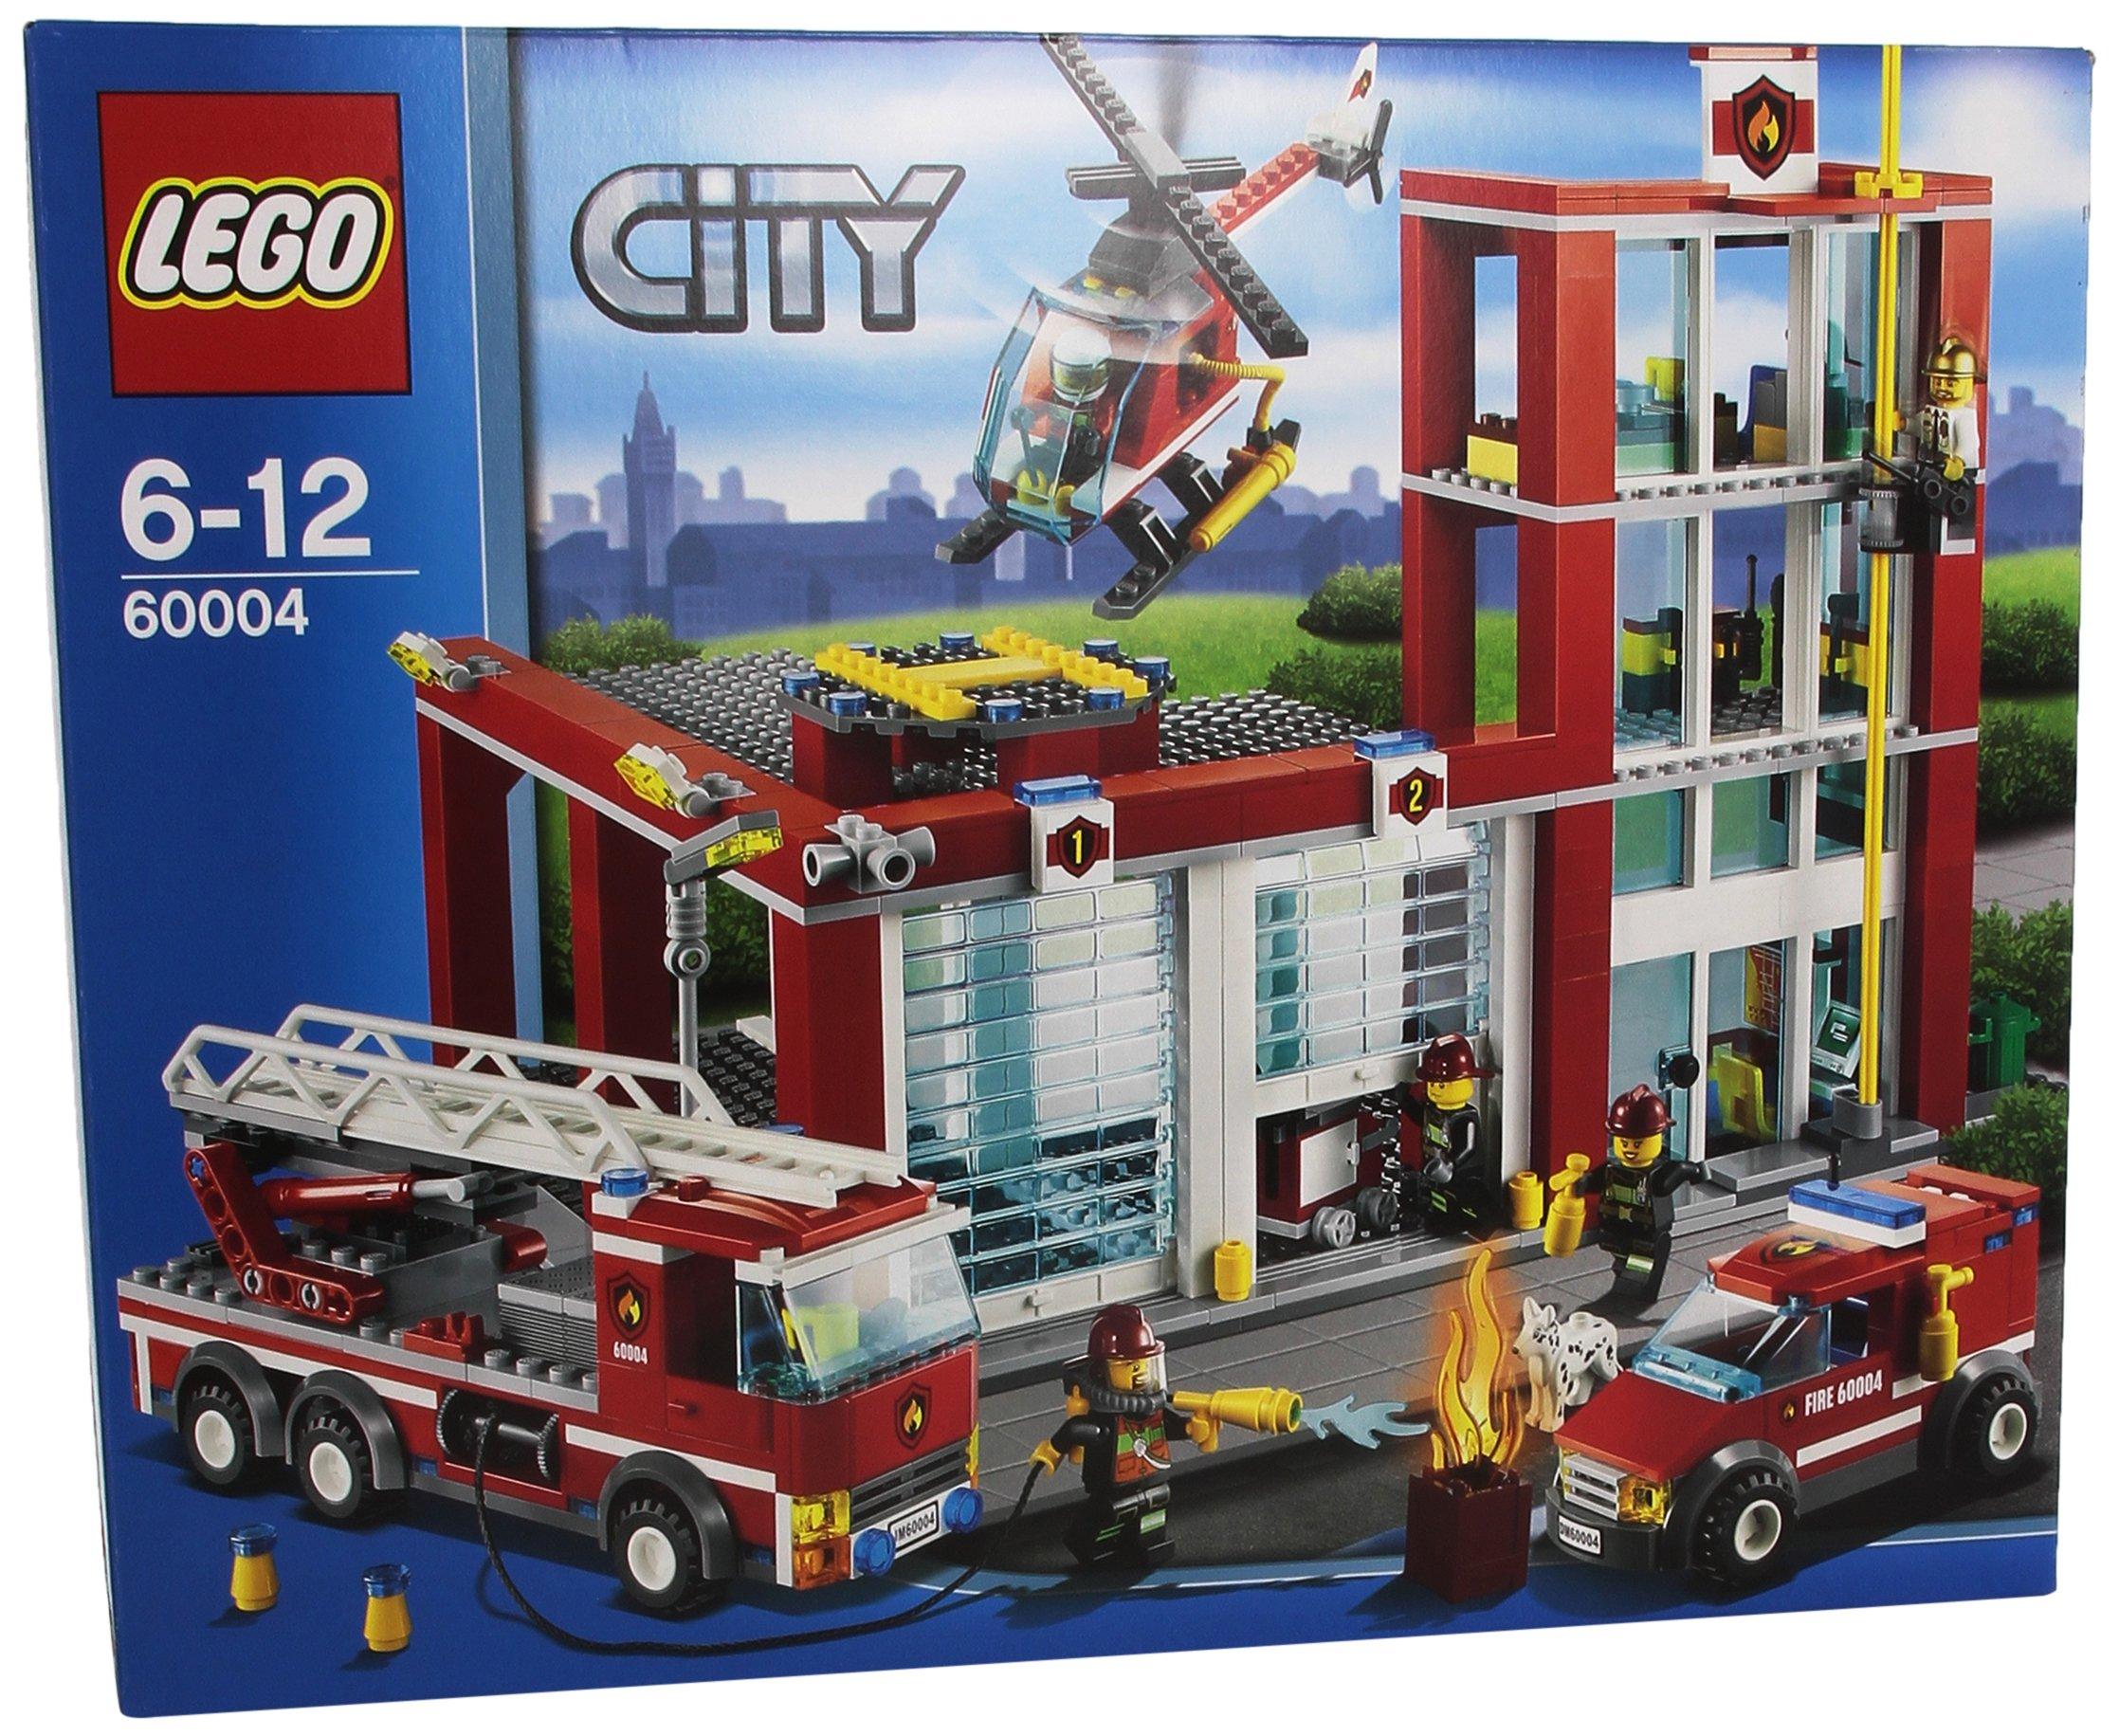 lego city 60004 fire station ebay. Black Bedroom Furniture Sets. Home Design Ideas